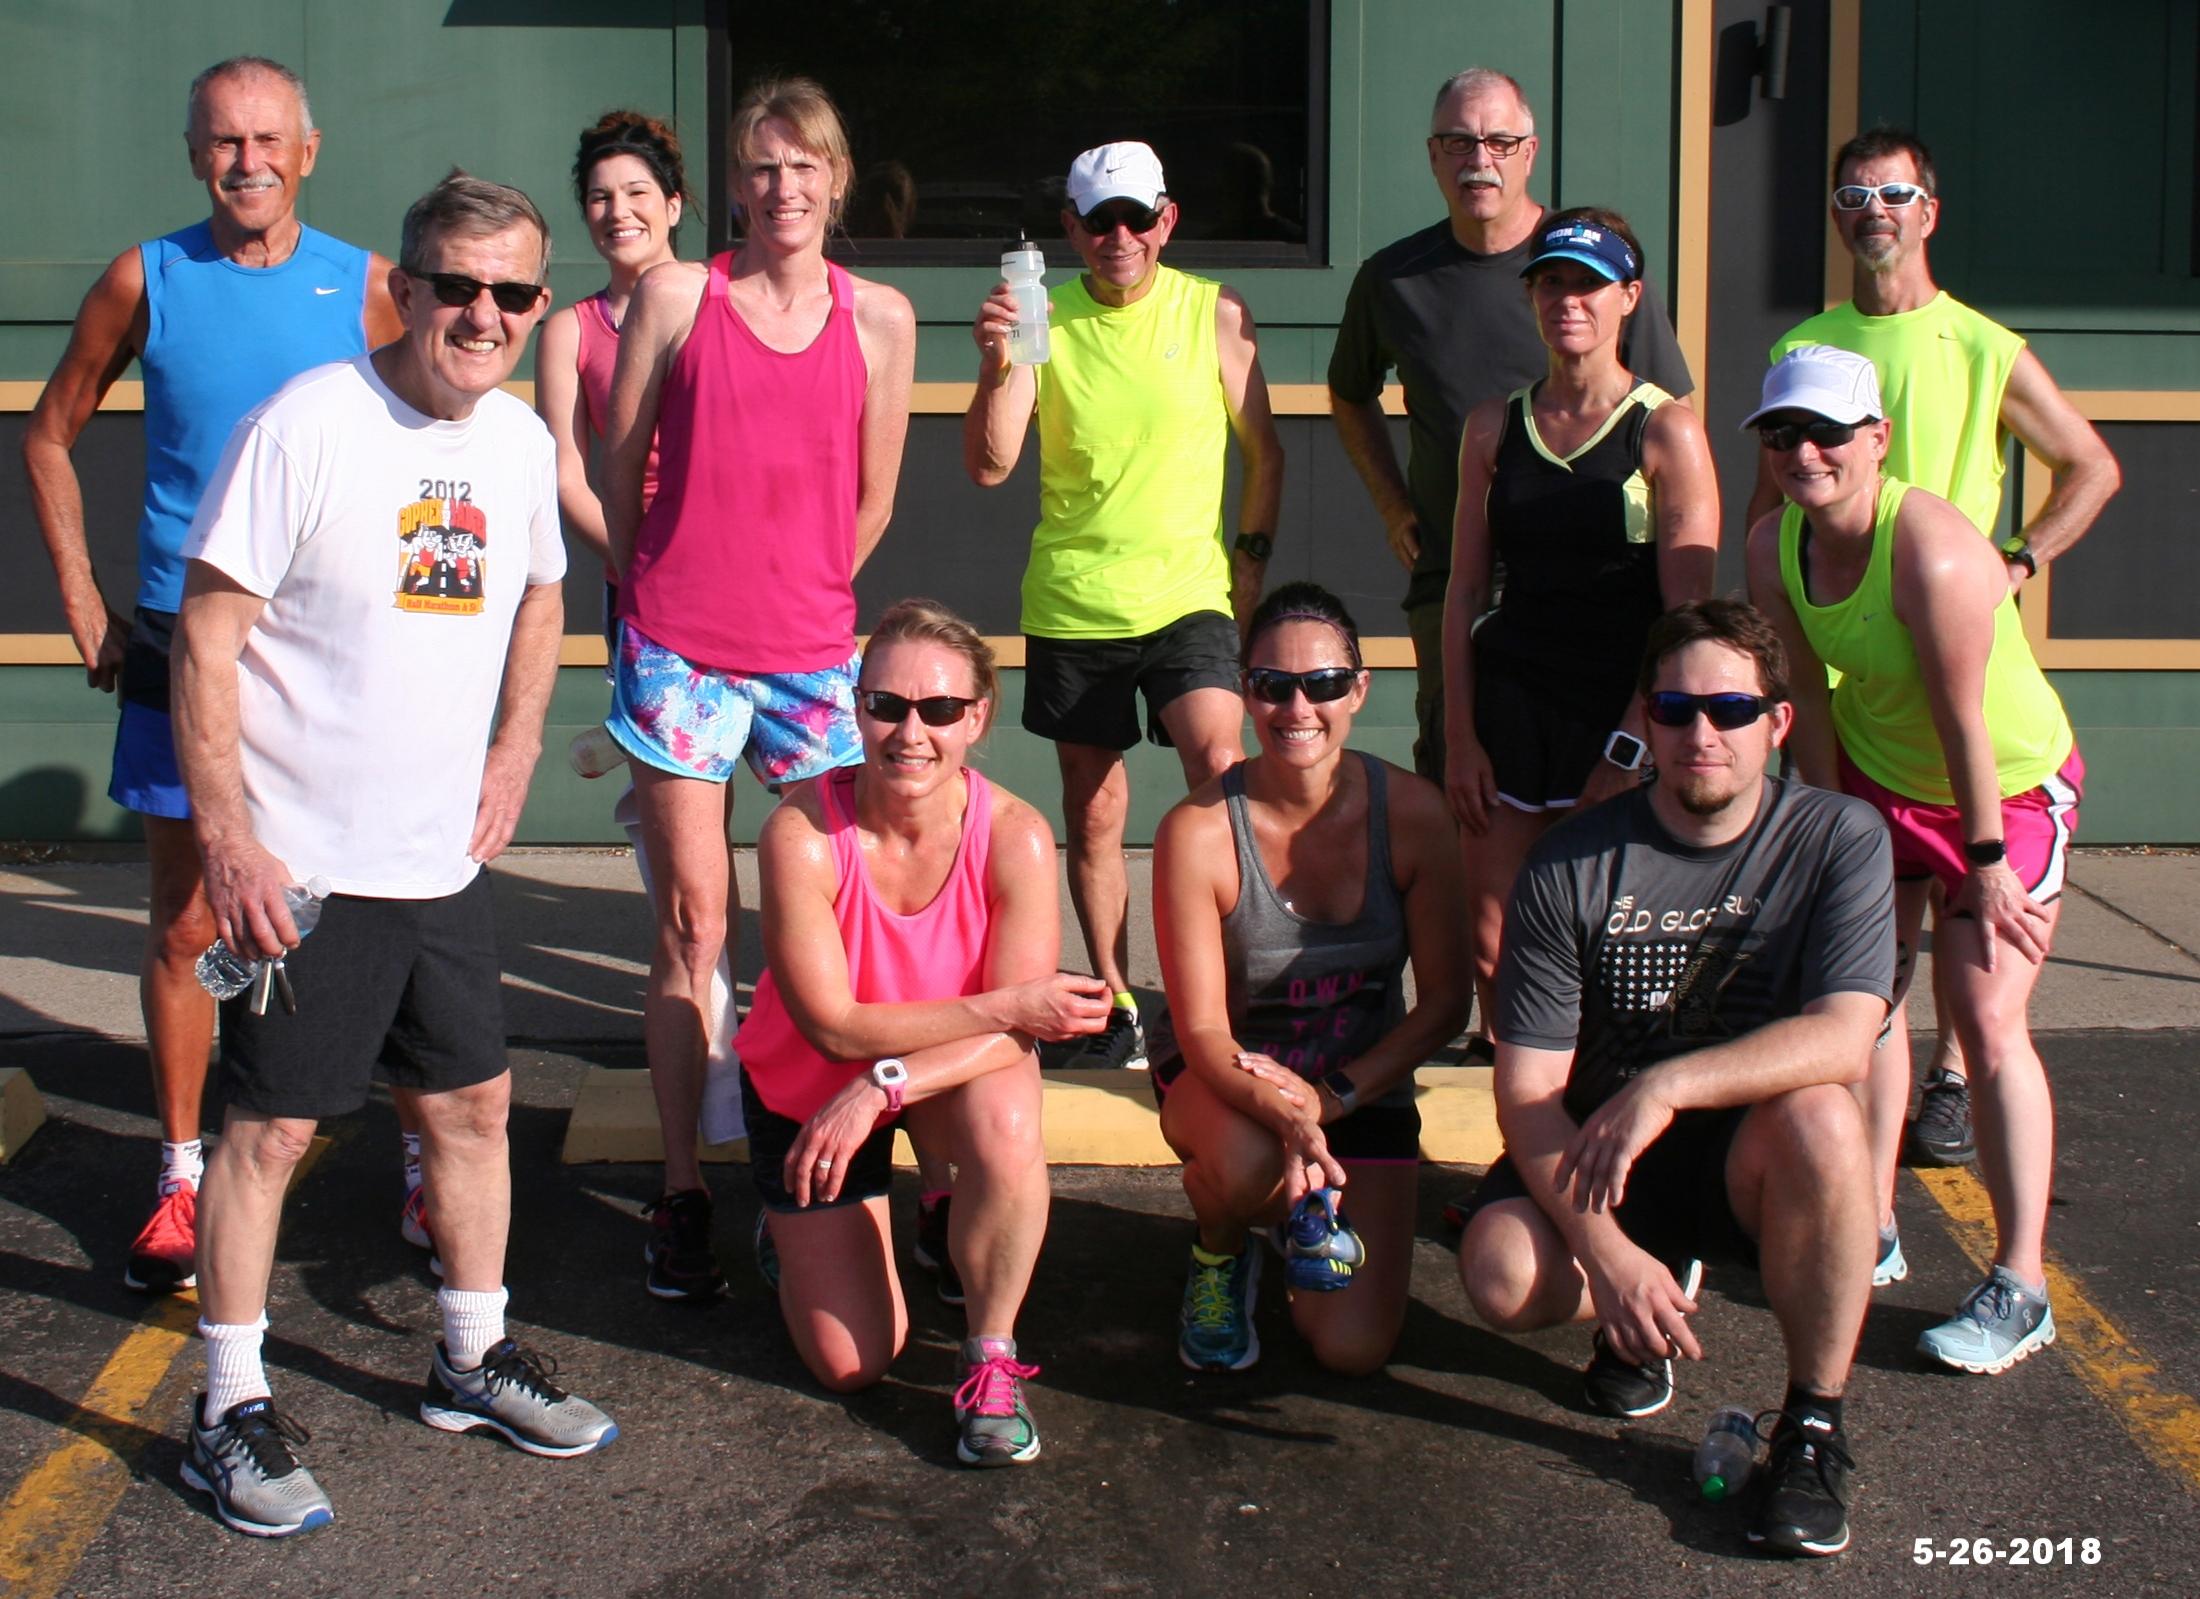 Copy of Breakfast Run 5-26-2018